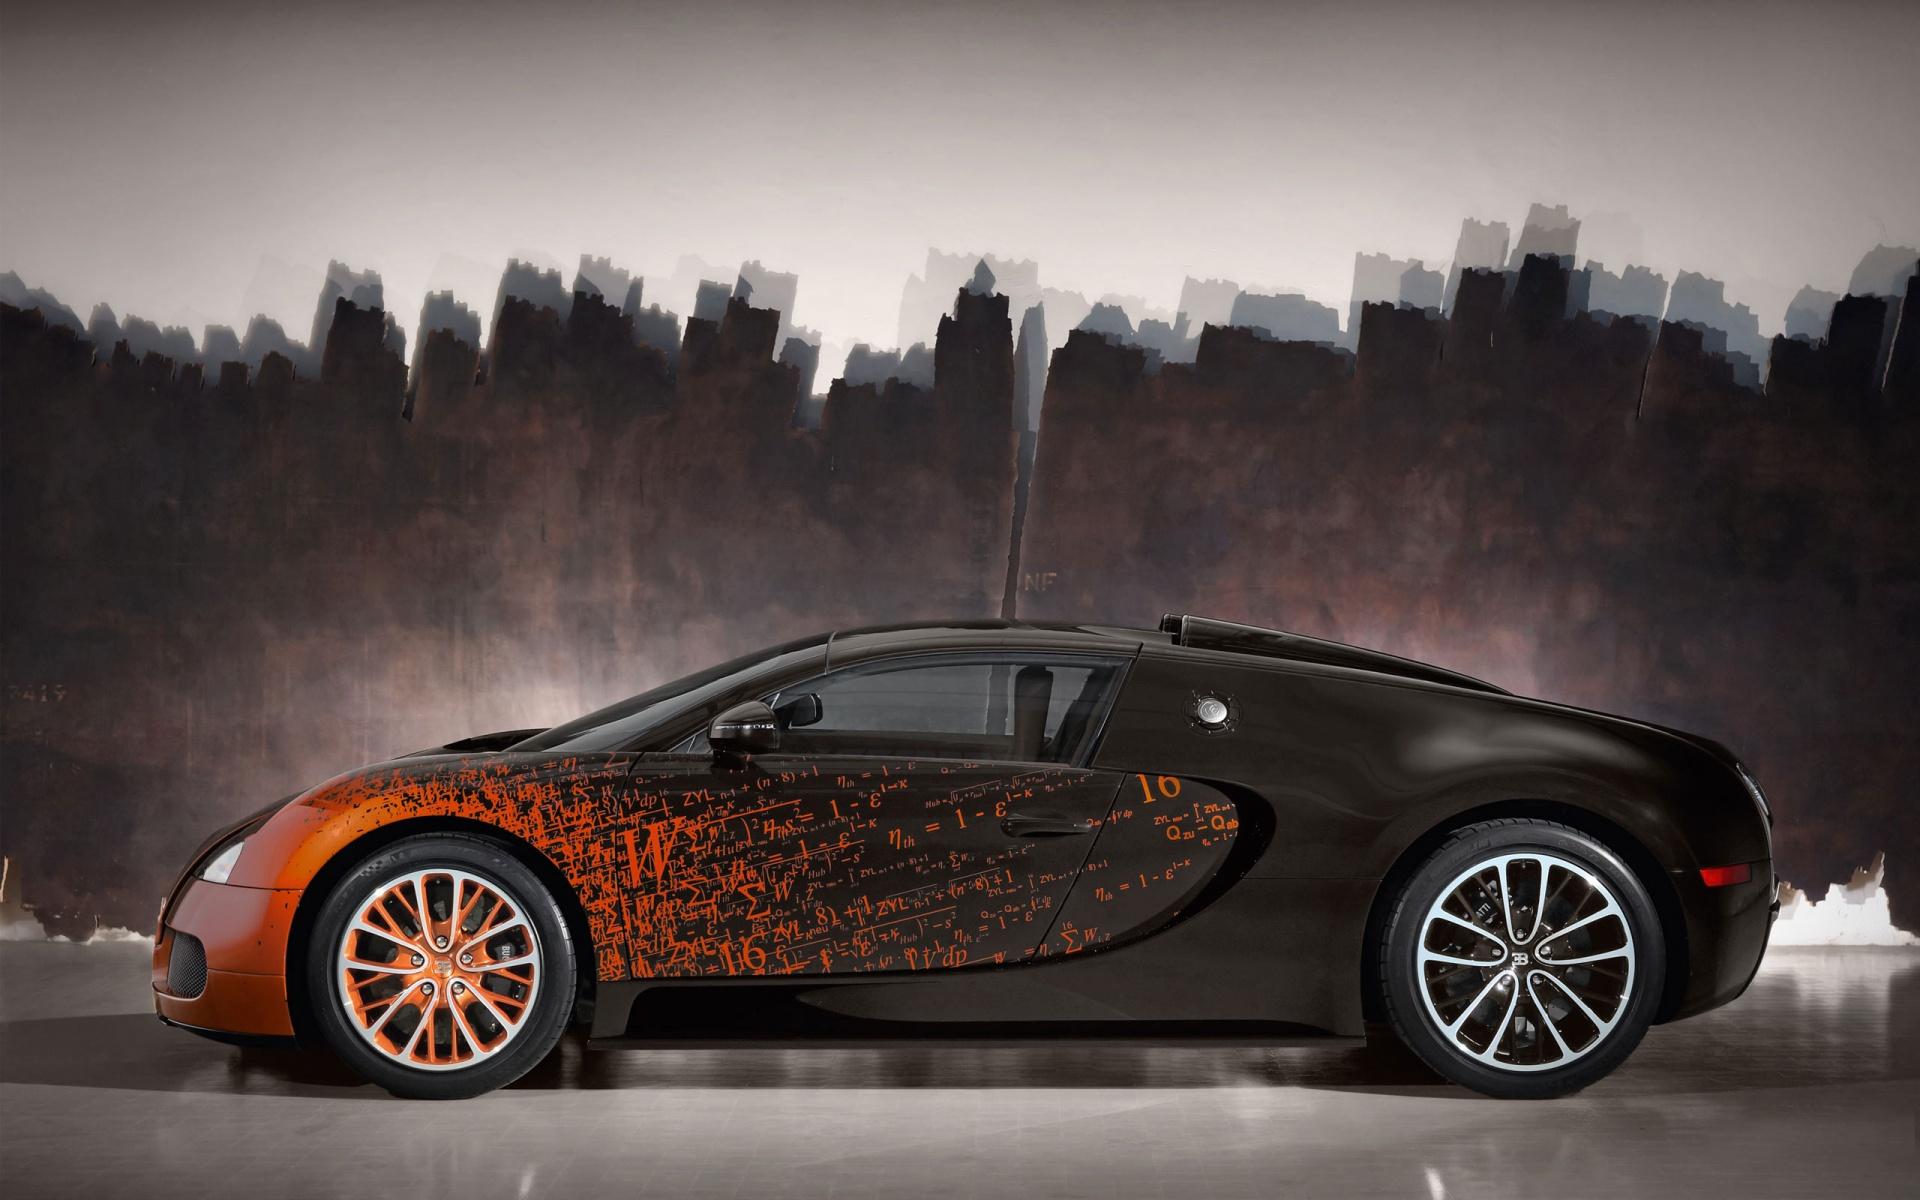 Bugatti Veyron Up Fire Car 2014 | El Tony